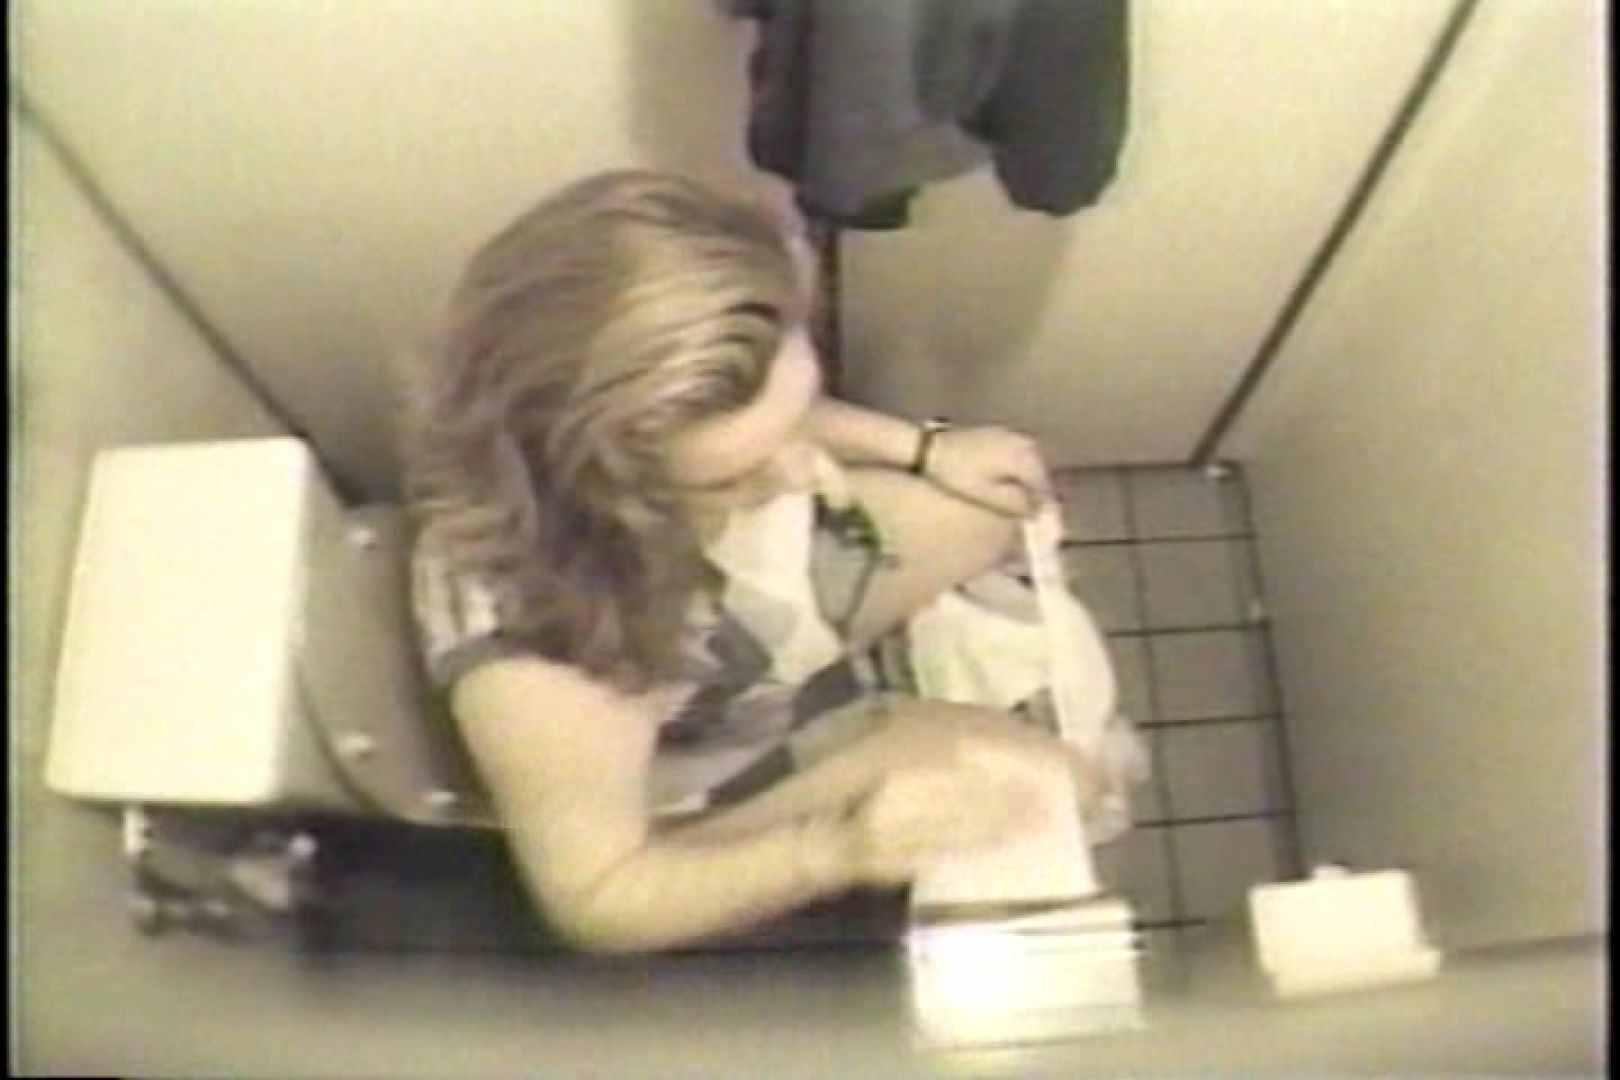 盗撮 女子洗面所3ヶ所入ってしゃがんで音出して 洗面所 盗み撮りAV無料動画キャプチャ 67pic 59